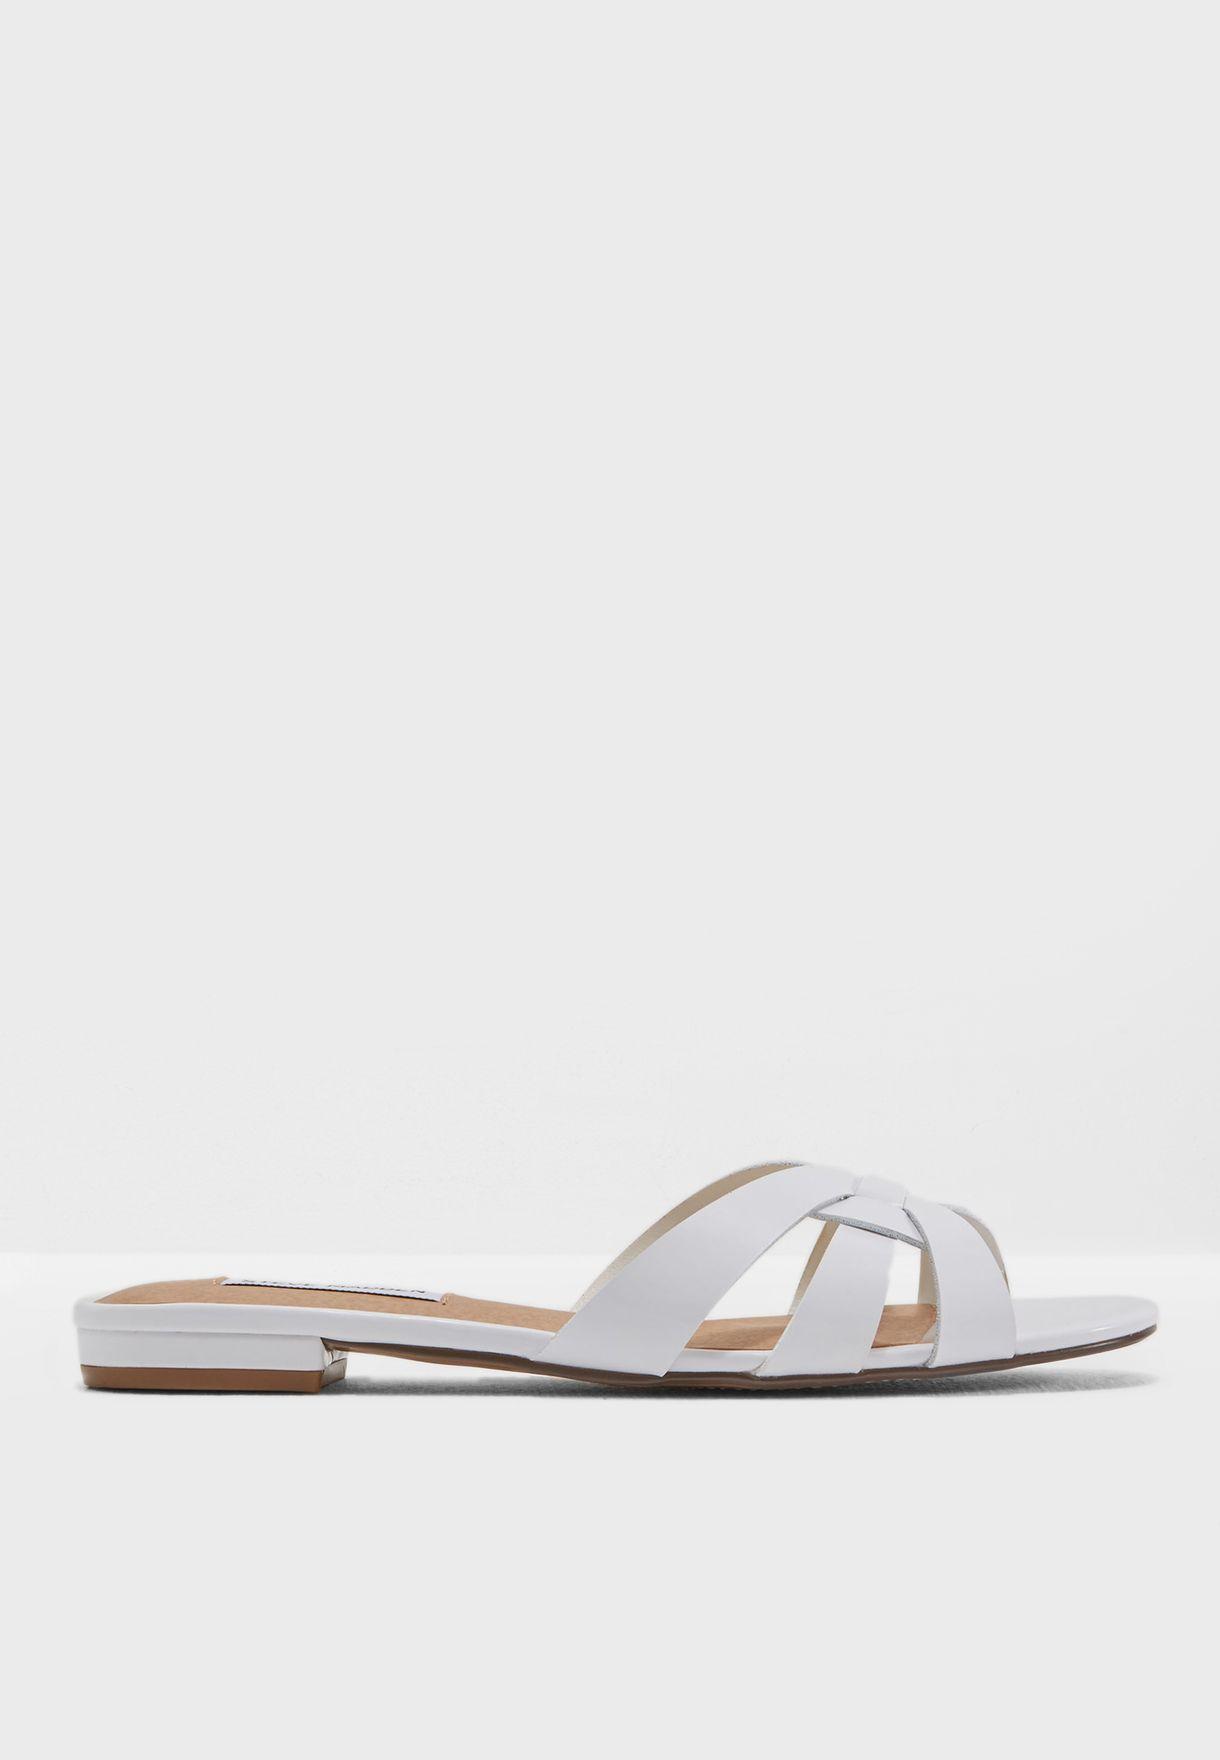 75d1b9e2c Shop Steve Madden white Kindly Flat Sandal KINDLY for Women in Qatar ...